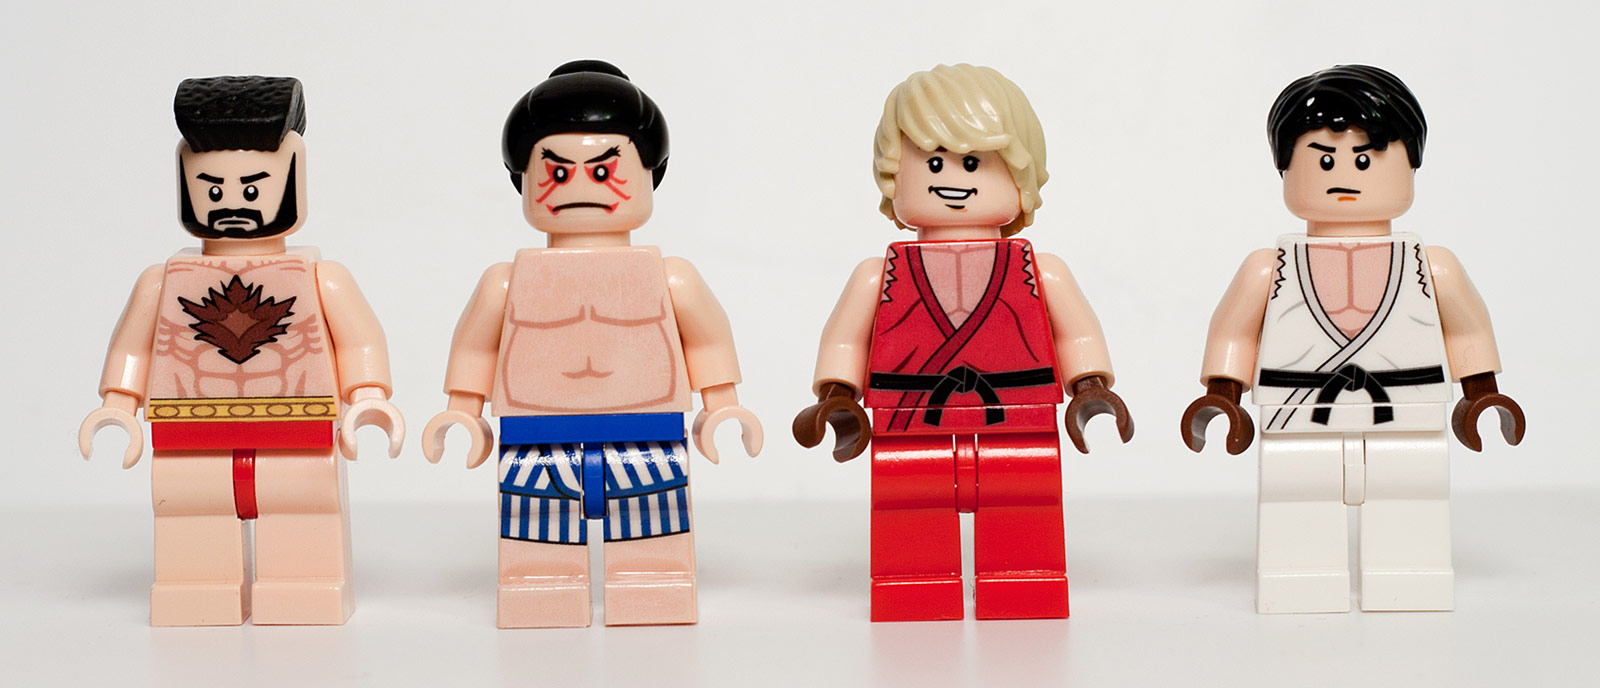 Lego Street Fighter minifigs by Julian Fong